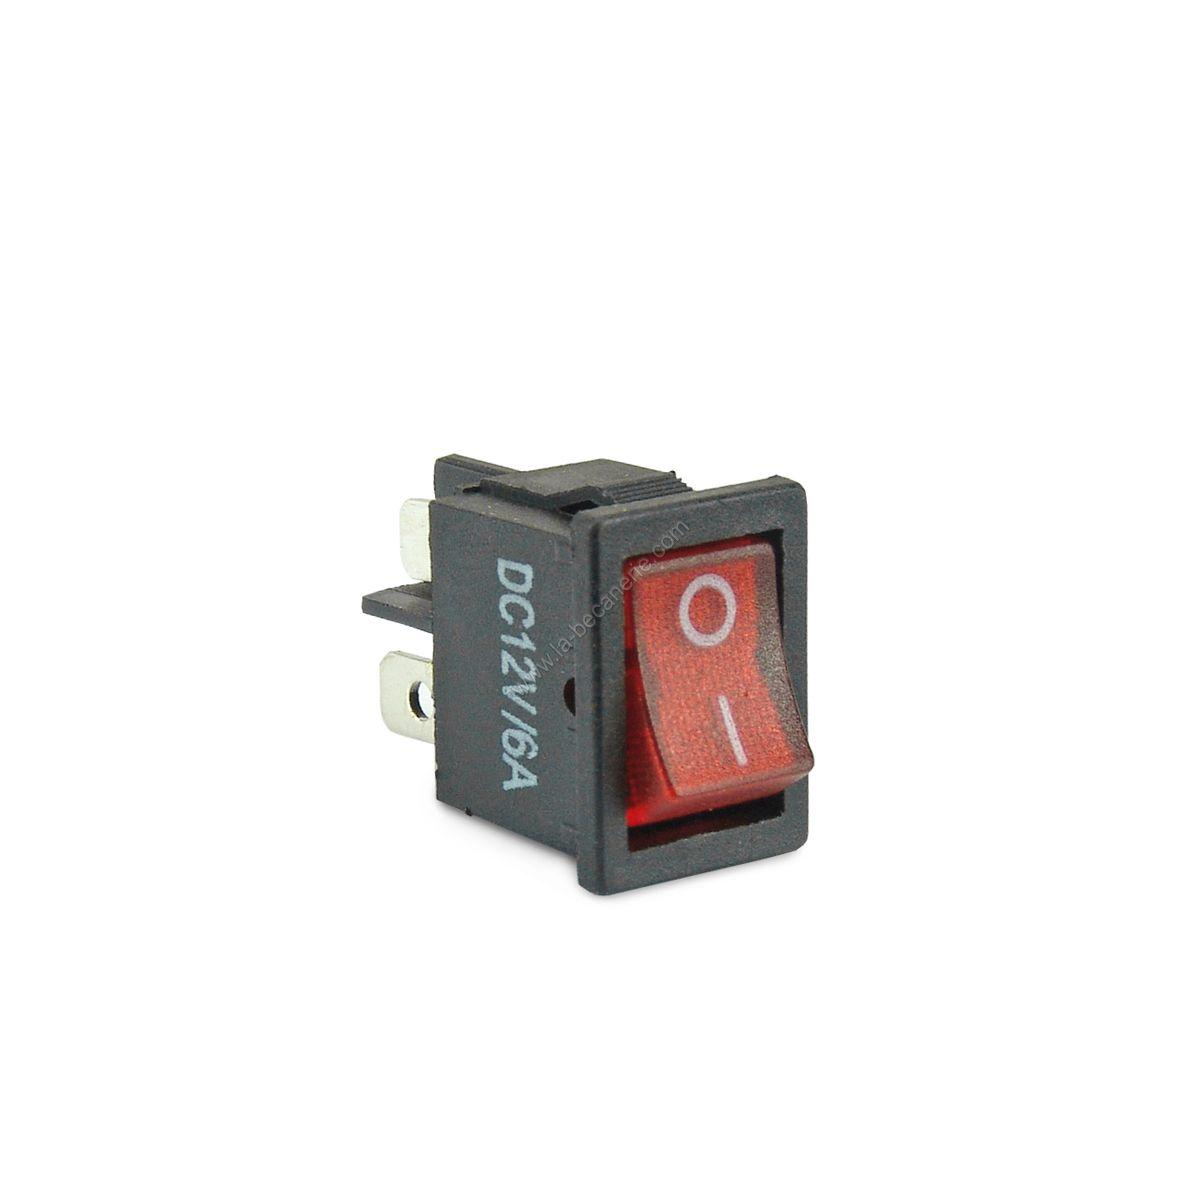 interrupteur encastrable voyant mirs pi ces electrique sur la b canerie. Black Bedroom Furniture Sets. Home Design Ideas